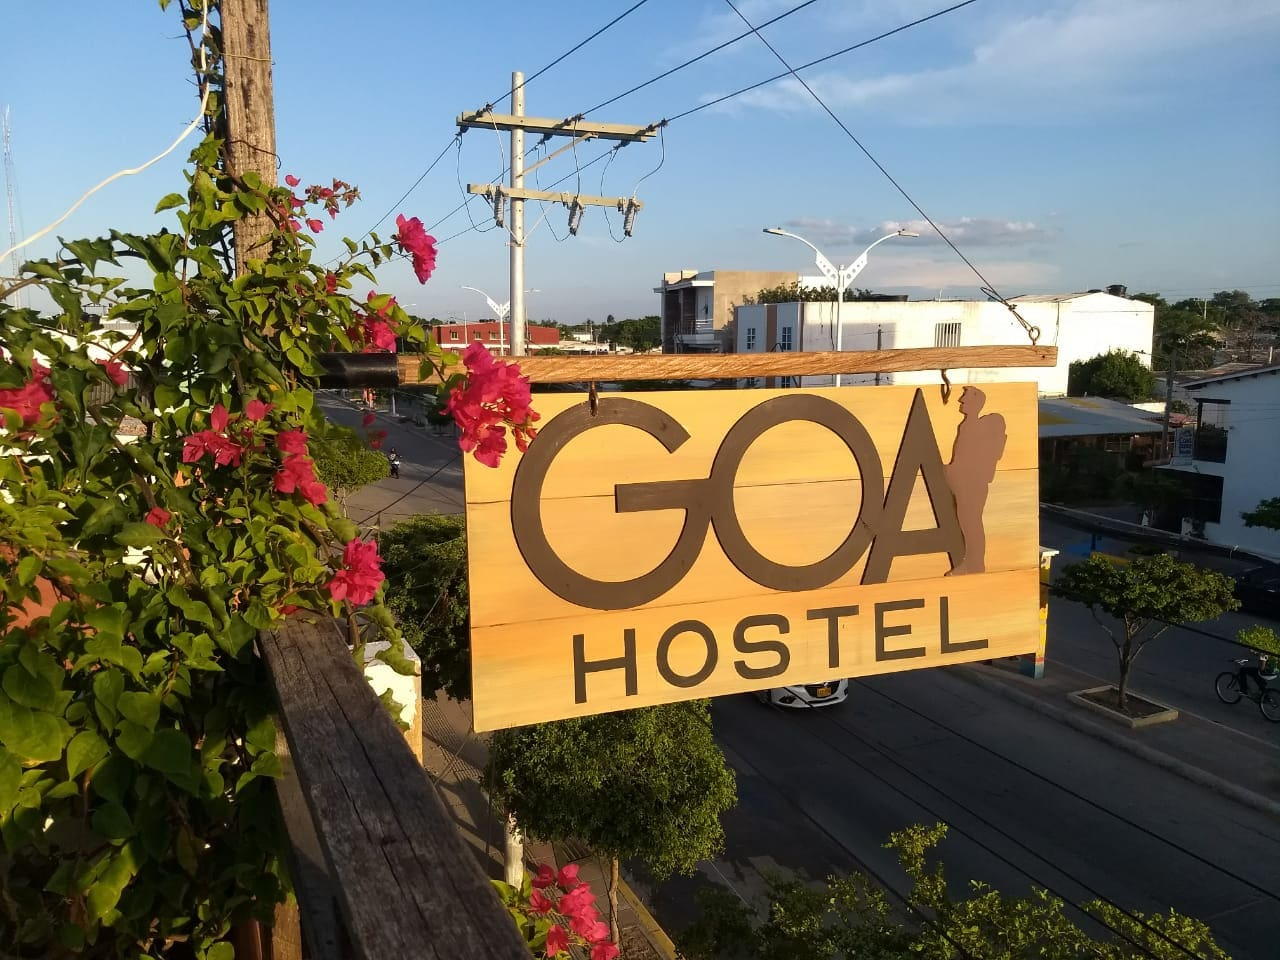 Somos un hostel que te ofrece #DescansoPlacentero en amplias y cómodas habitaciones en Riohacha